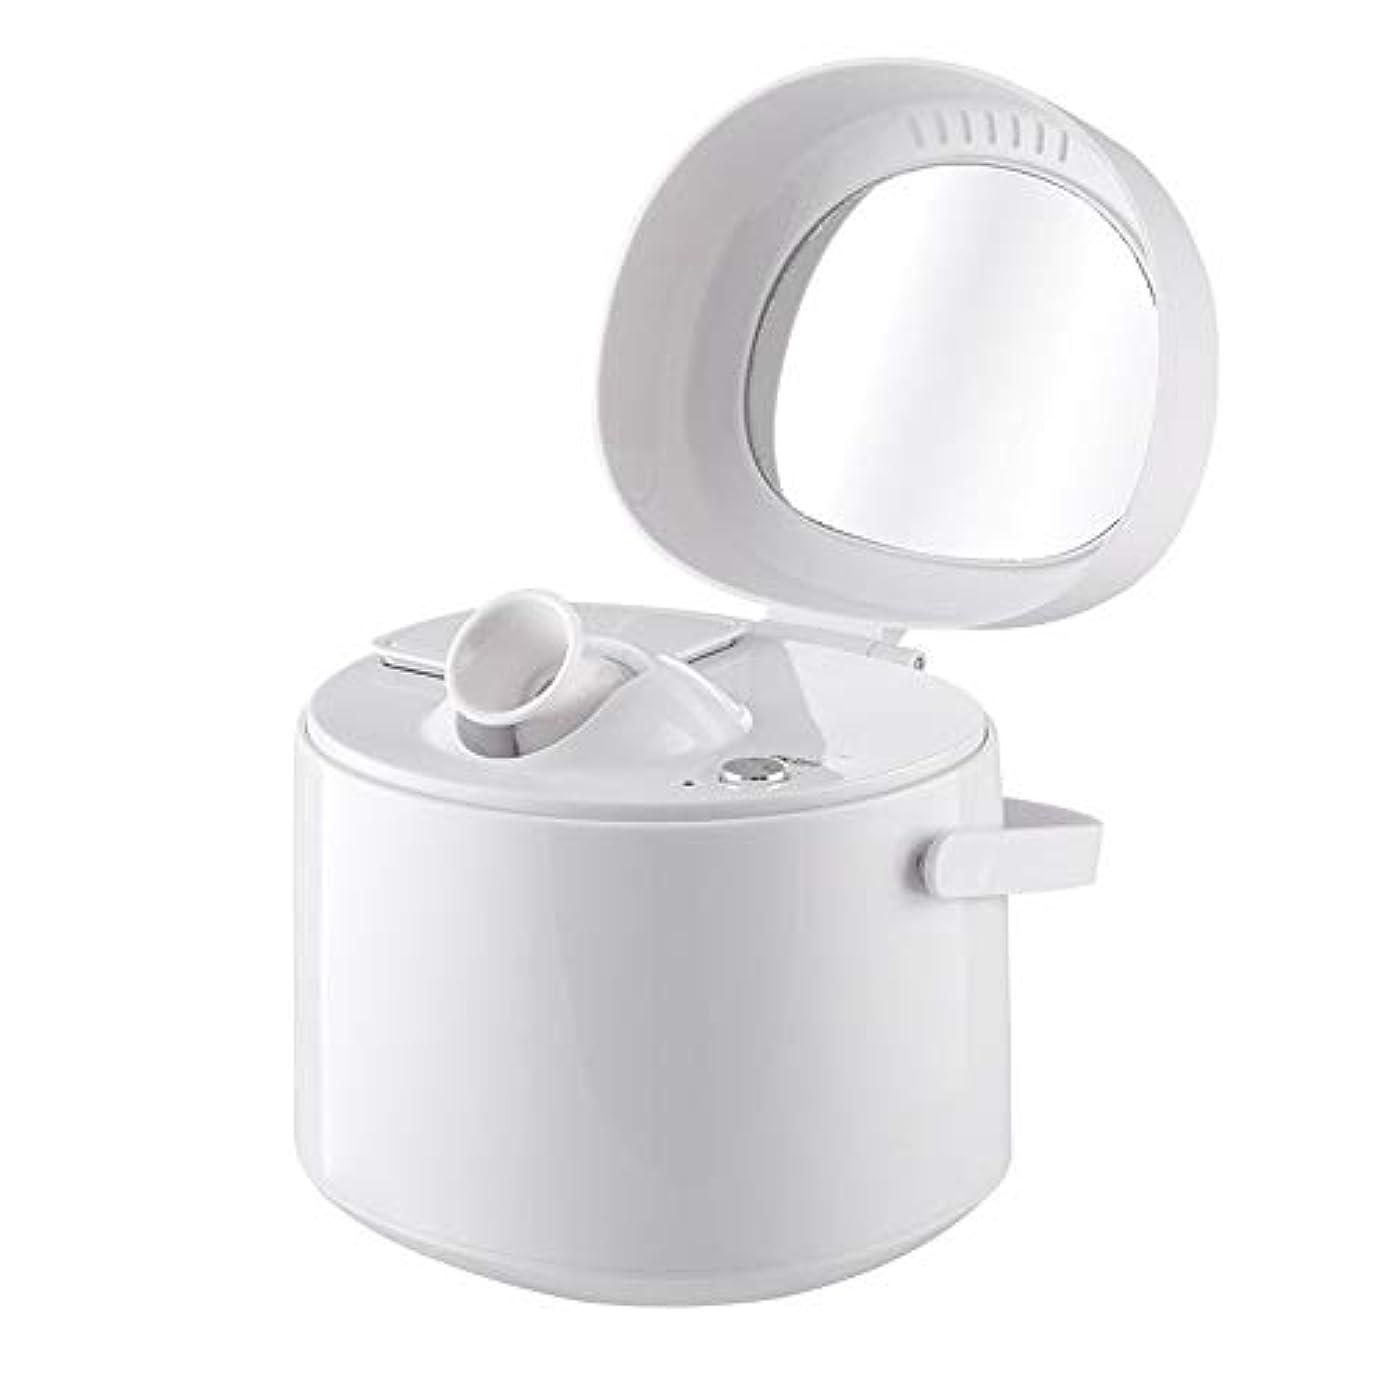 ええ熟読昇るZXF ホットスプレースチームフェイス美容器具ホームナノイオン保湿スプレー美容器具美容ミラーホワイト 滑らかである